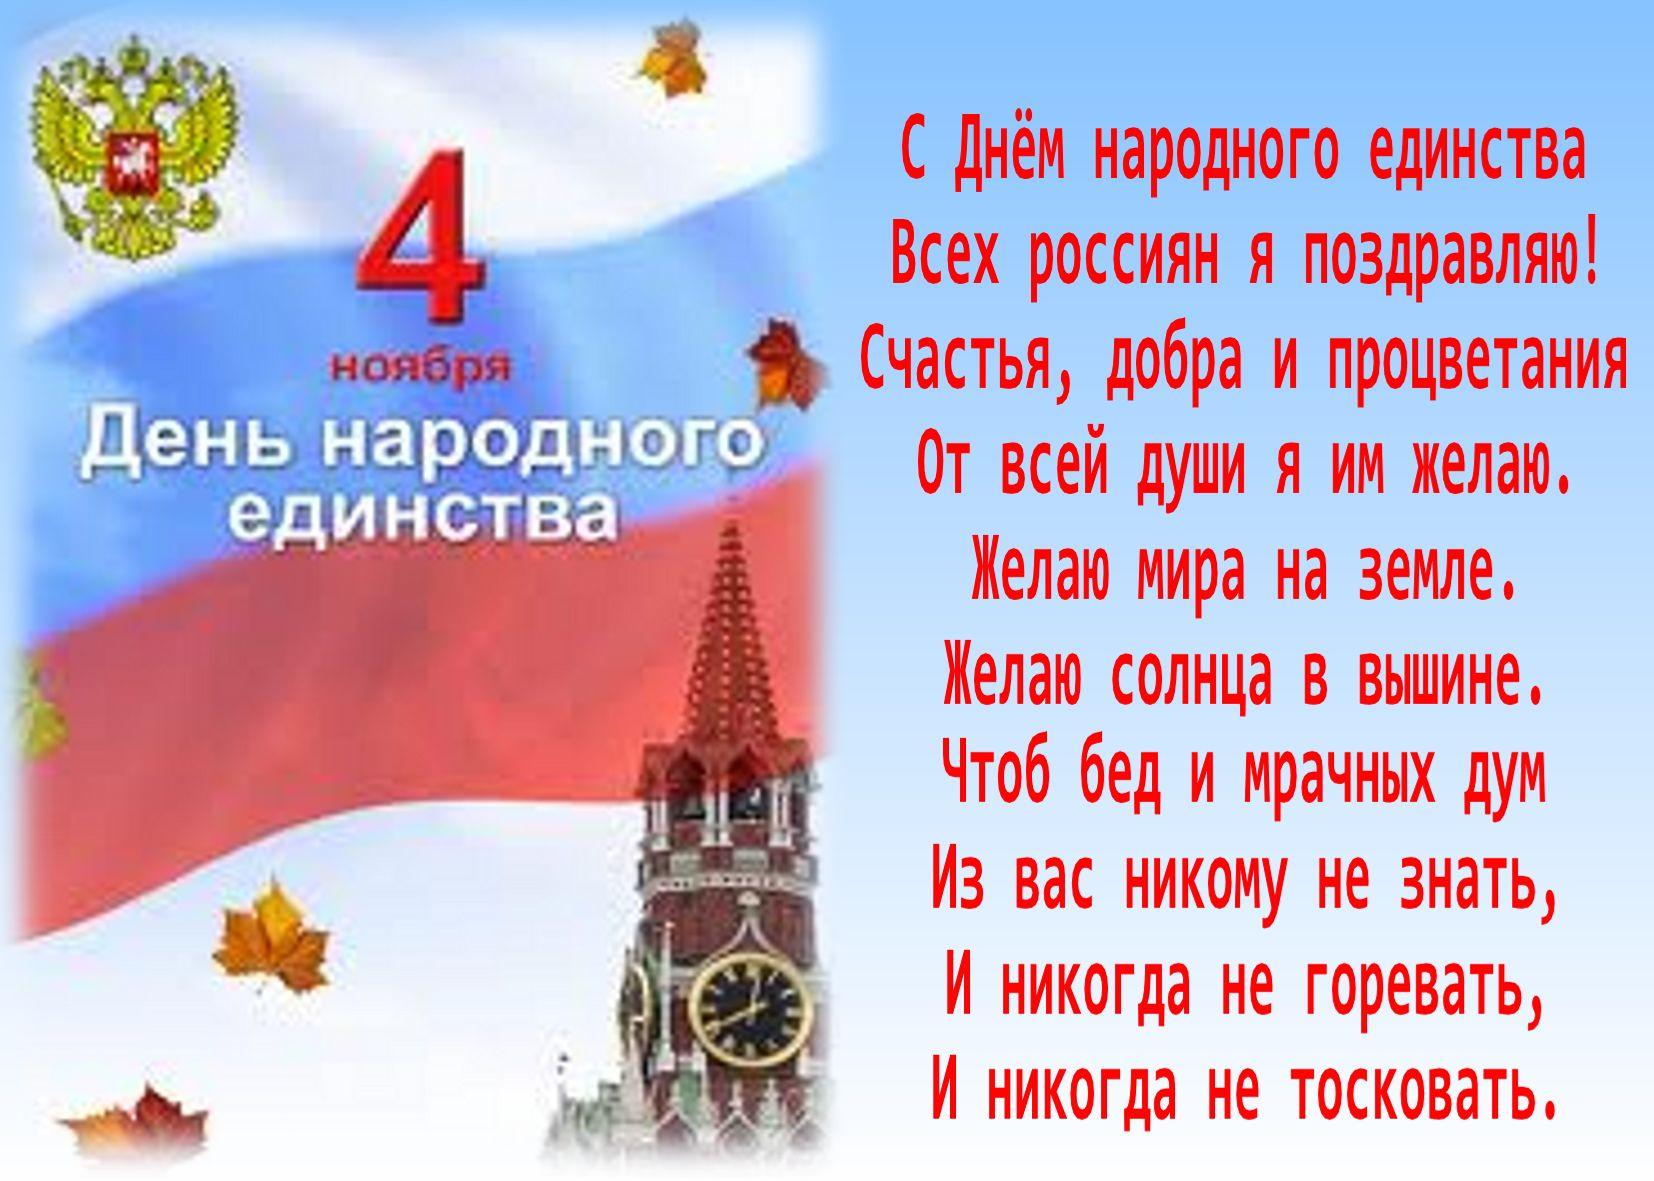 Поздравление в прозе на день народного единства 672